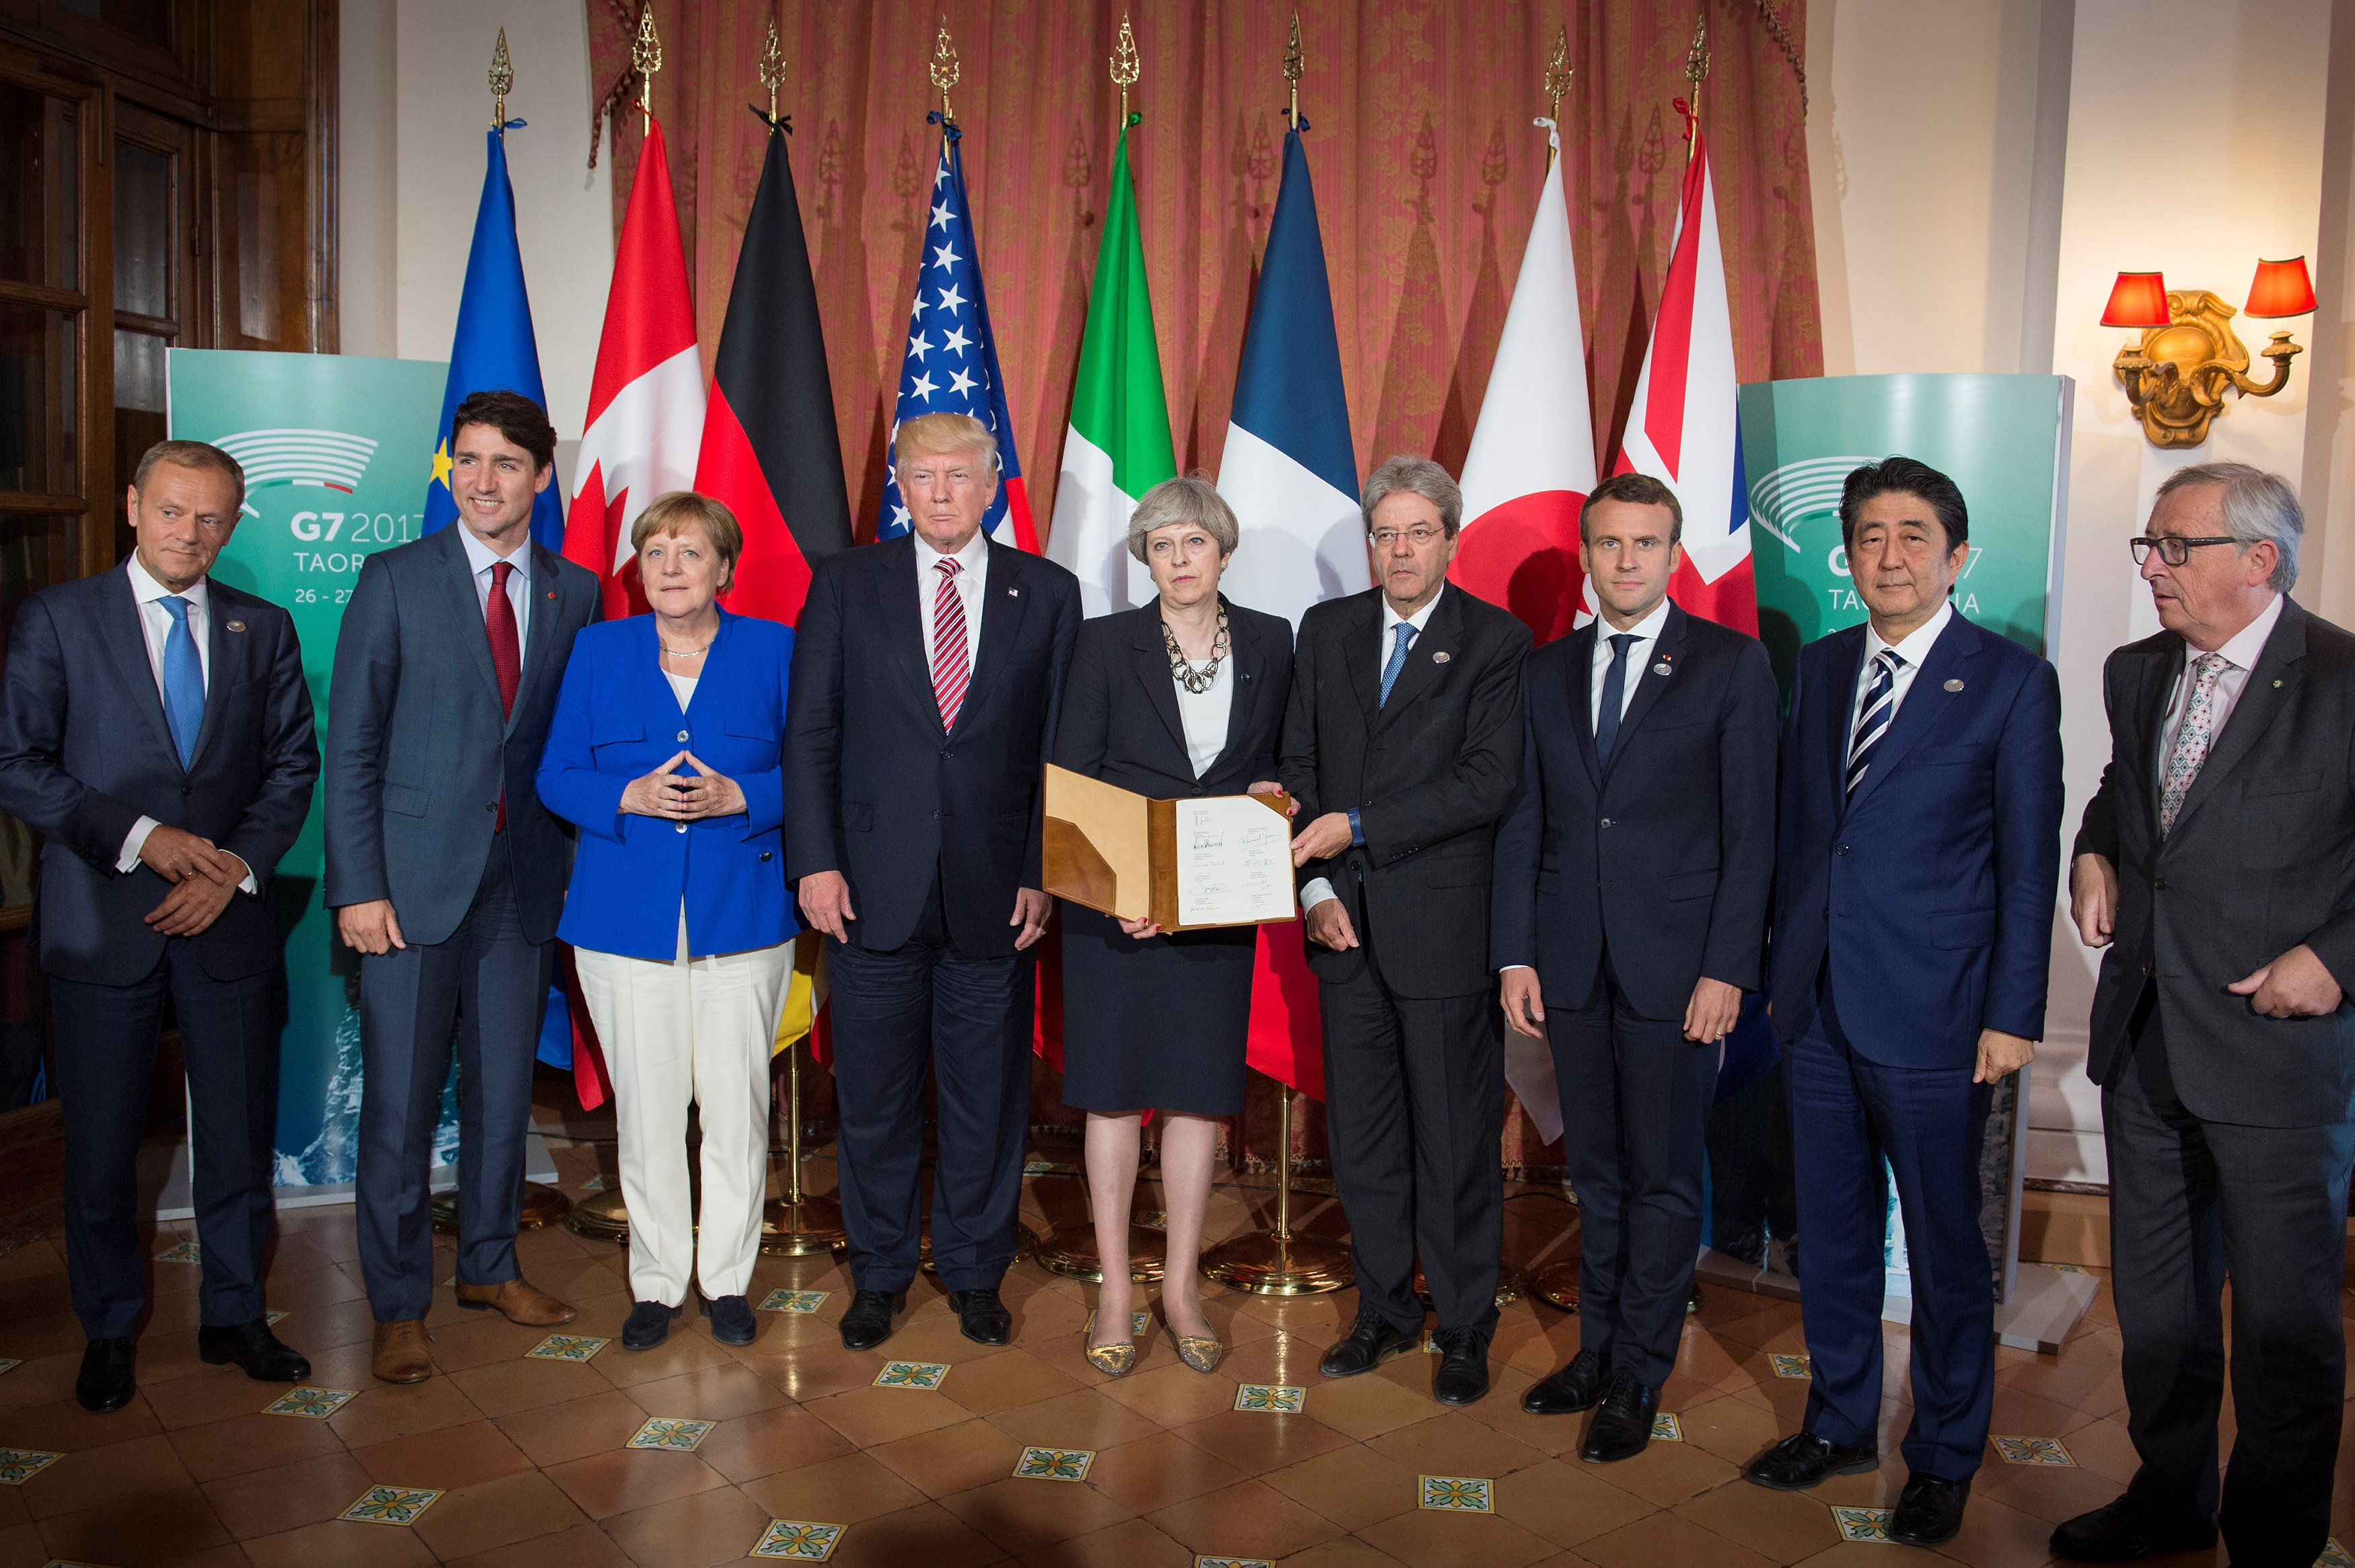 Саммит, Сицилия, G7, Большая семерка